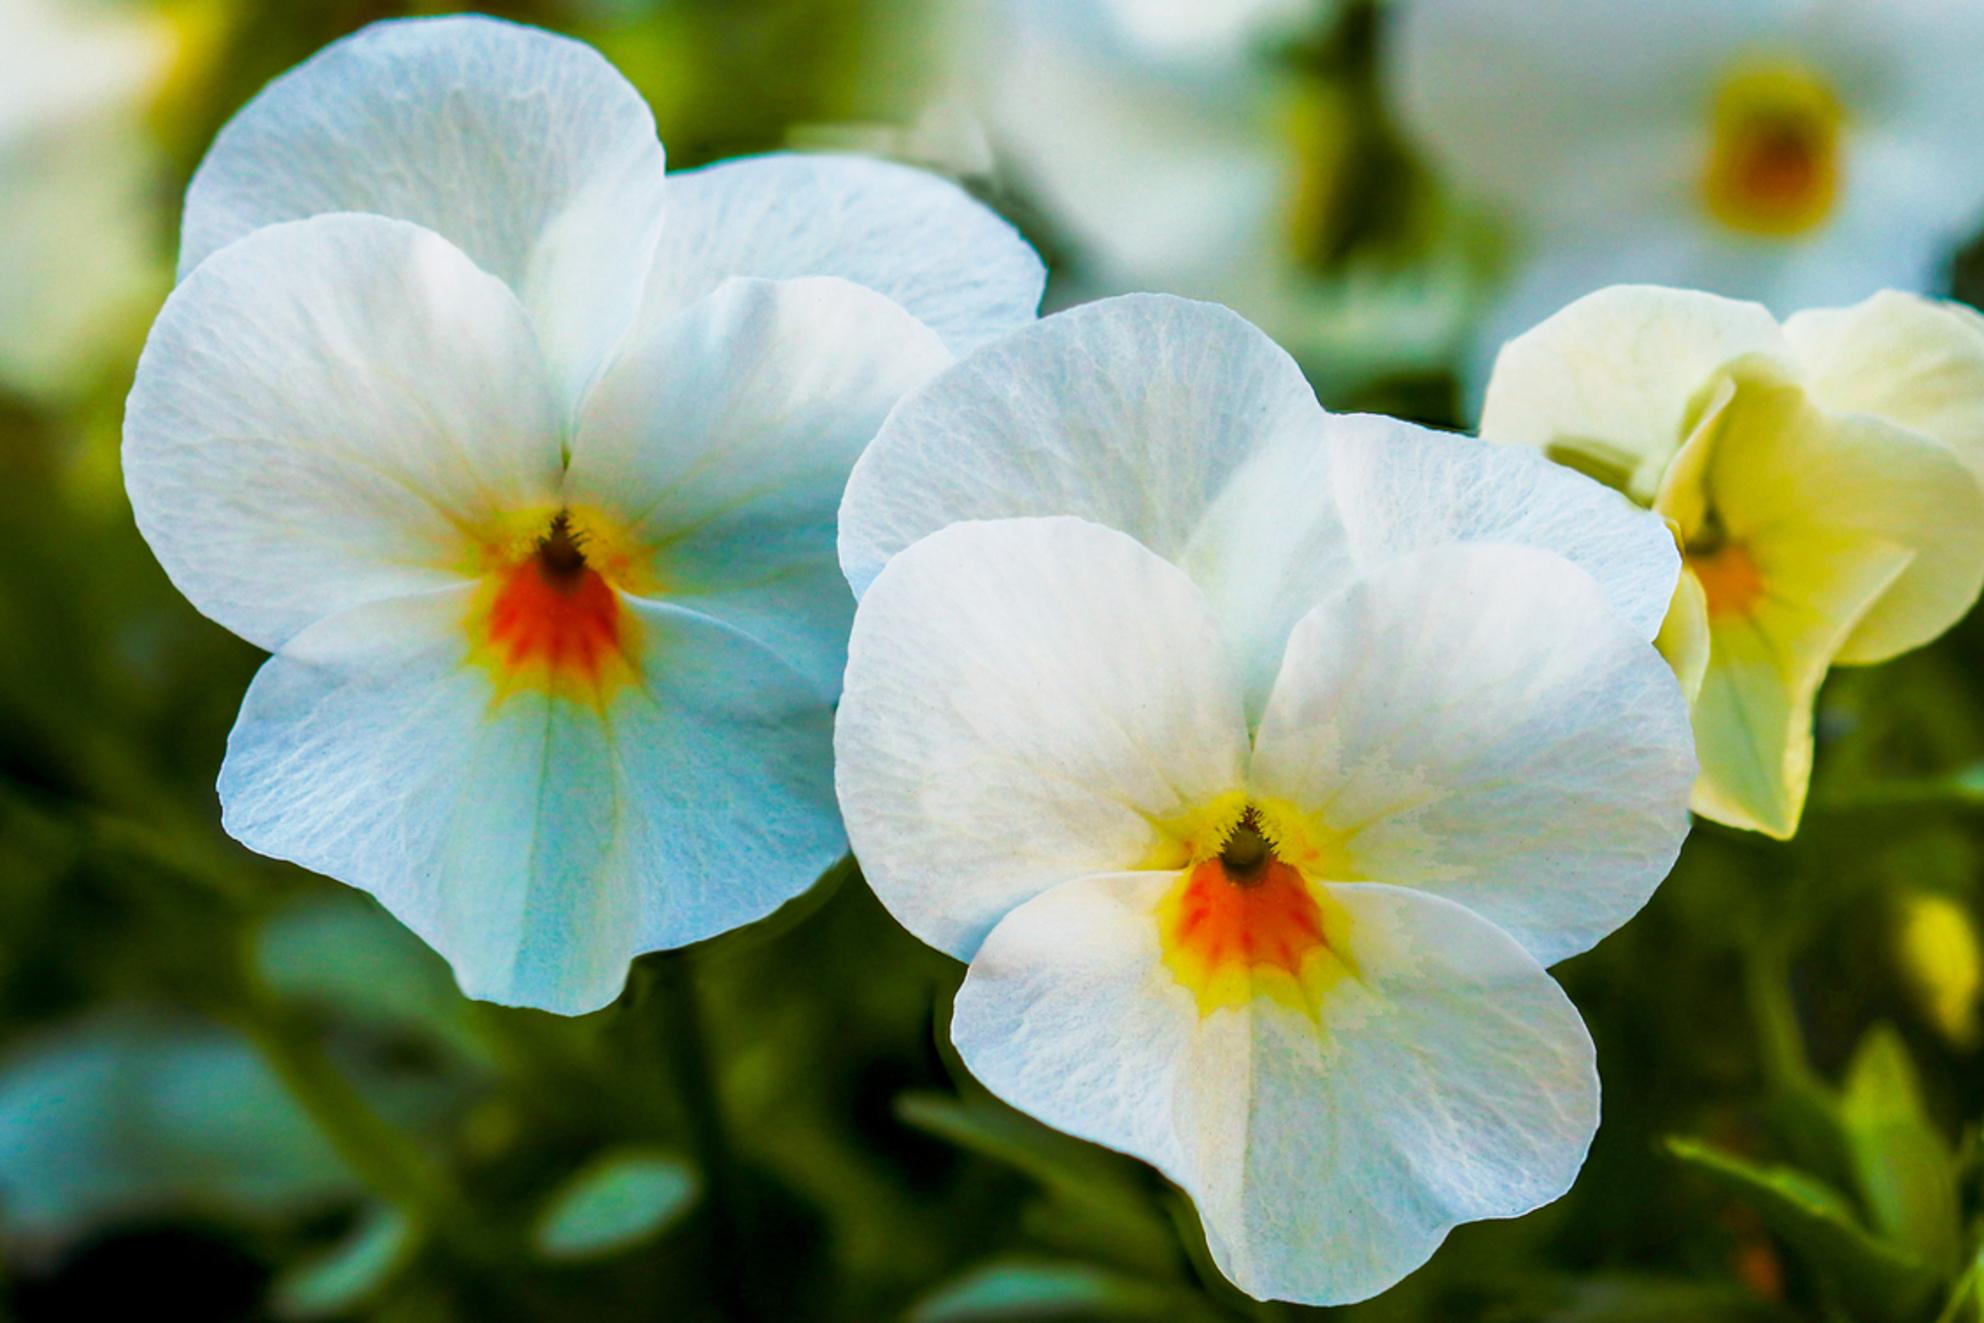 Viooltjes - vrolijkt het sombere weer wat op. - foto door WillemH52 op 08-03-2021 - deze foto bevat: groen, macro, wit, bloem, lente, natuur, dof